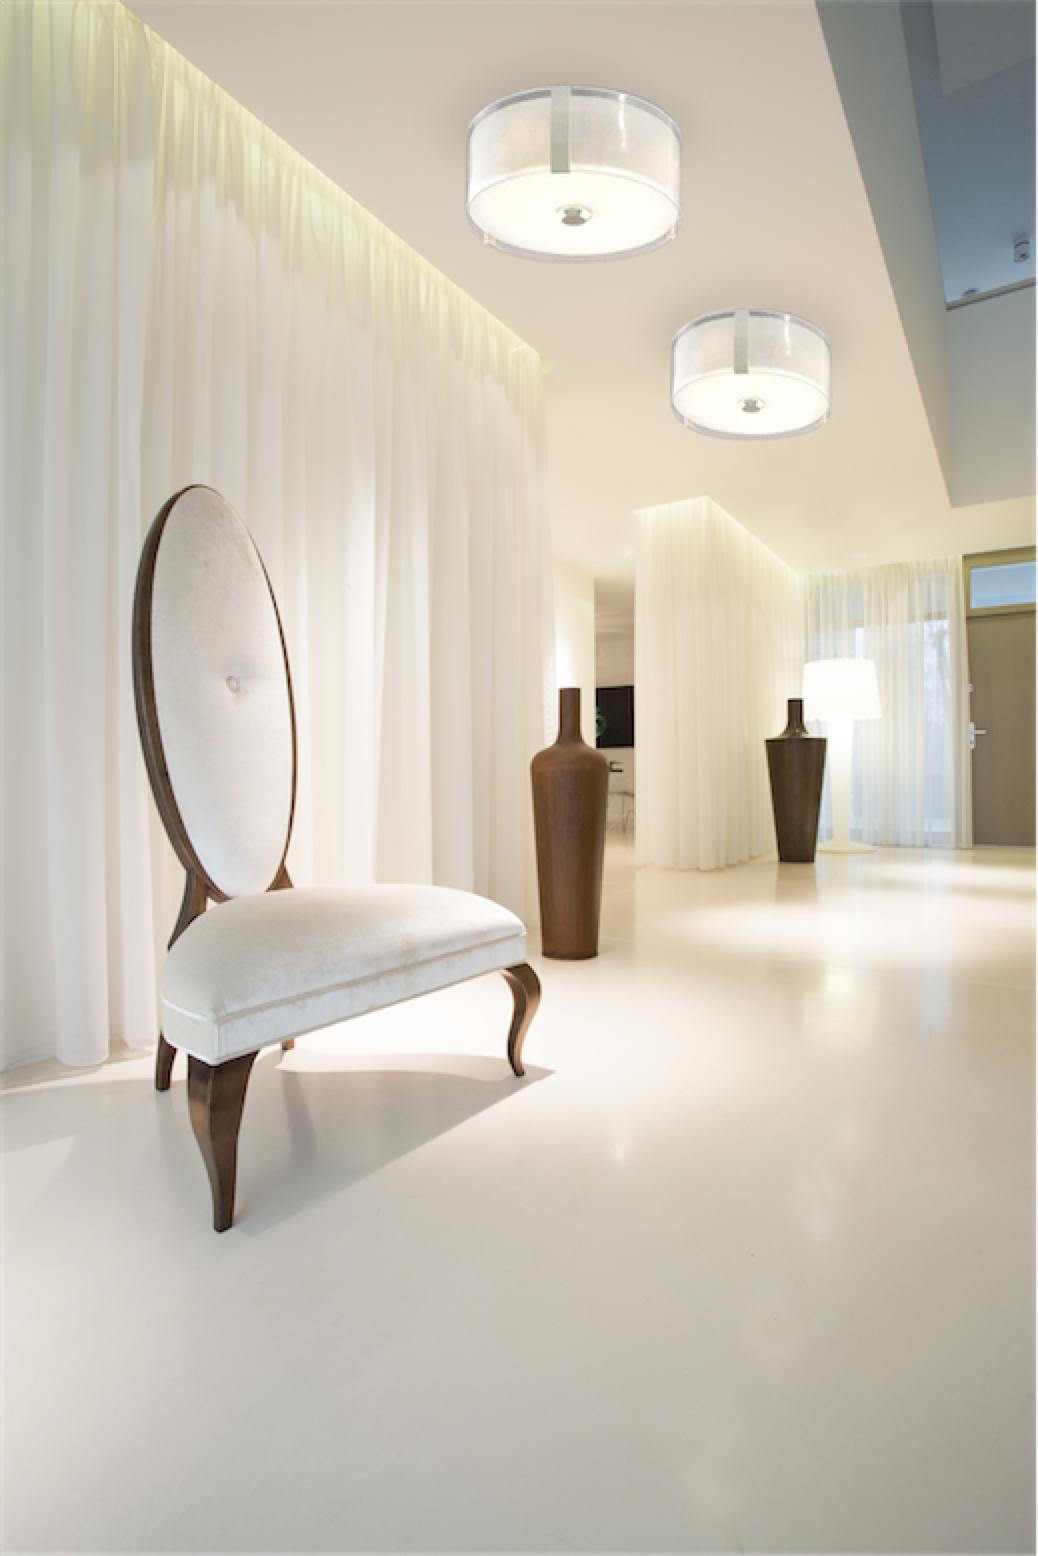 Luminaire semi-plafonnier contemporain ZURICH Dvi DVP14596SN-SS-OP dans une chambre avec fauteuil luxueux et rideaux blancs